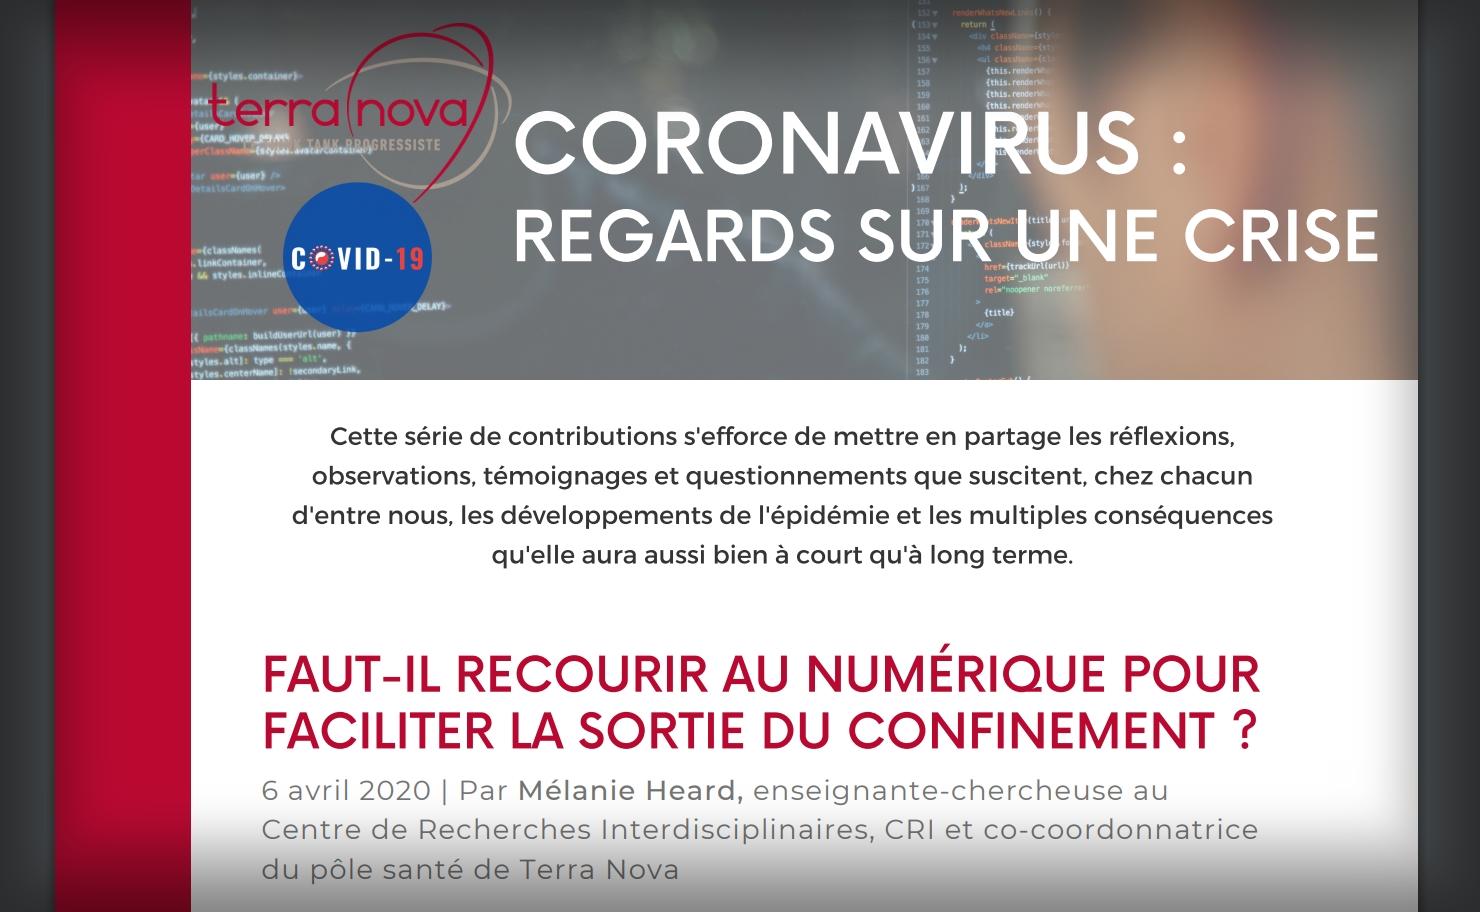 200427 - Rapport Terra Nova Coronavirus Regards sur une crise - La Déviation